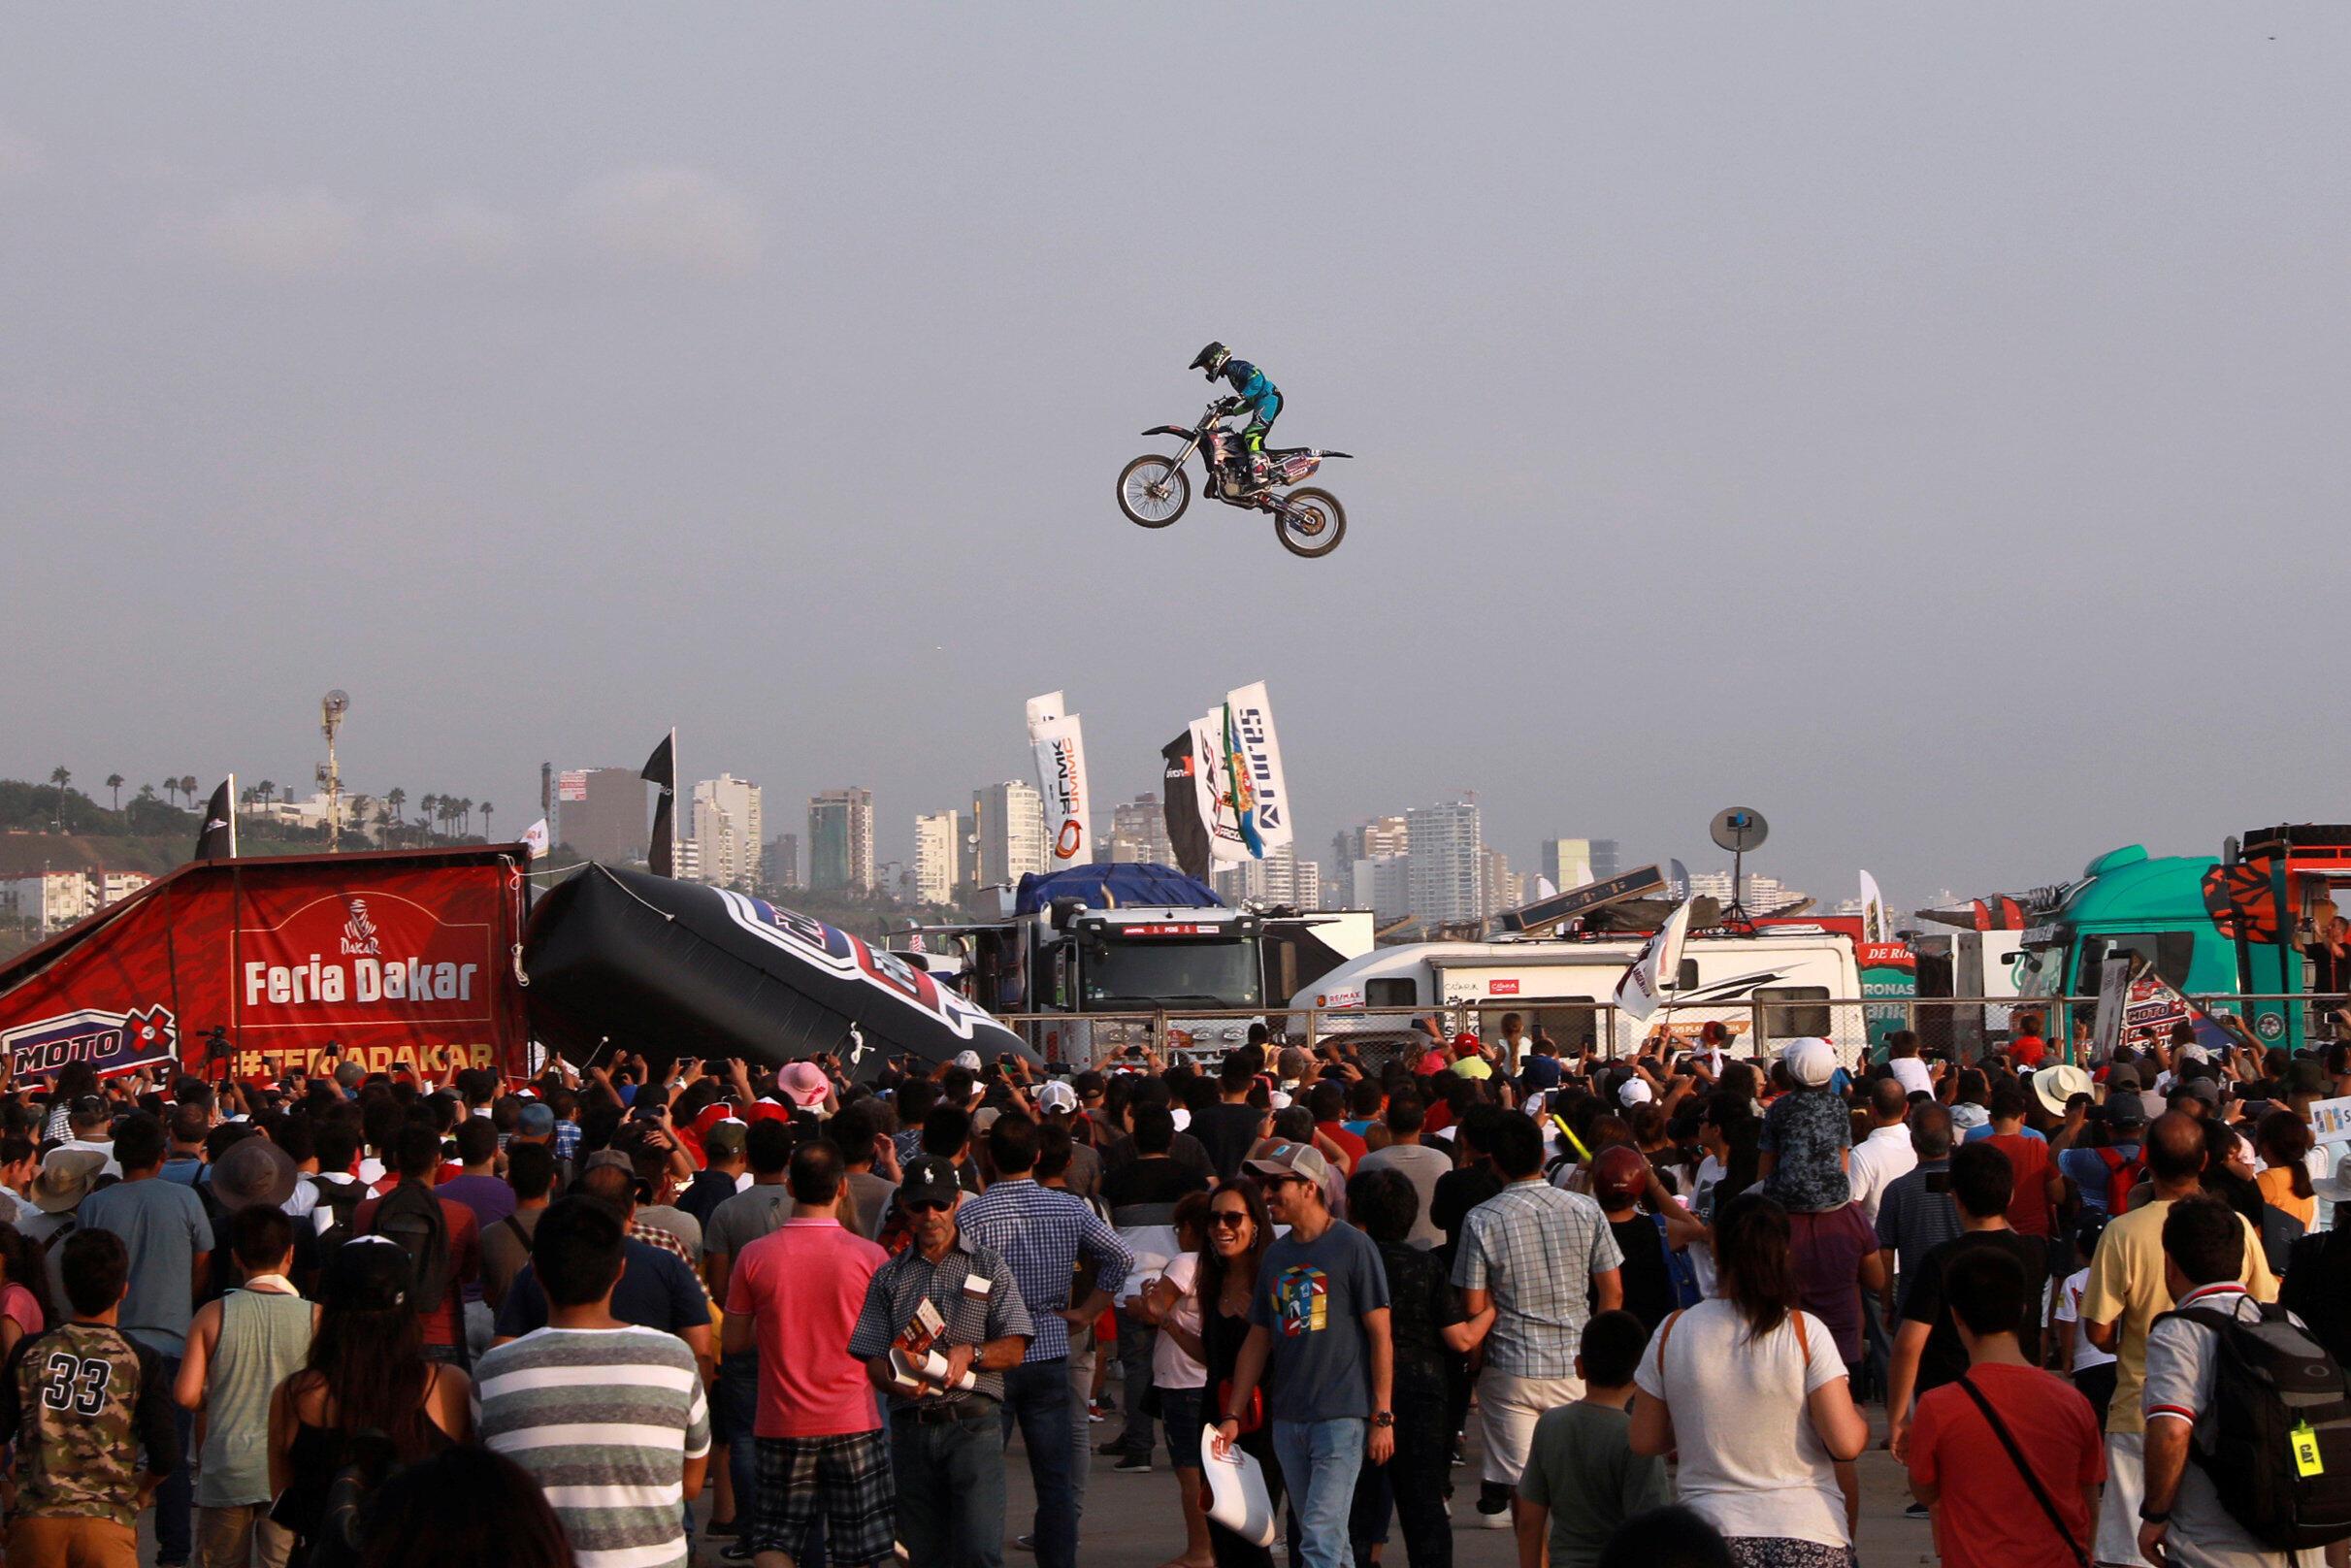 Imagen que deja el Dakar en su edicion 100% peruana, el 4 de Enero 2019.